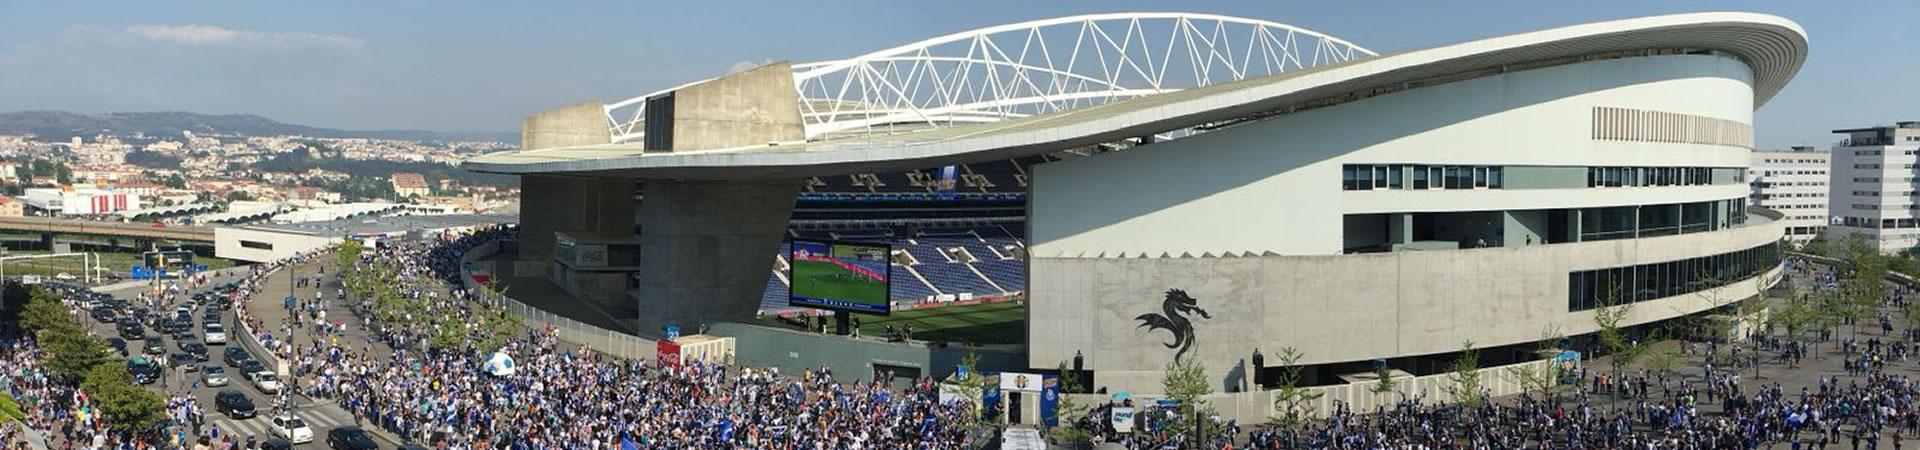 Instalações do FC Porto